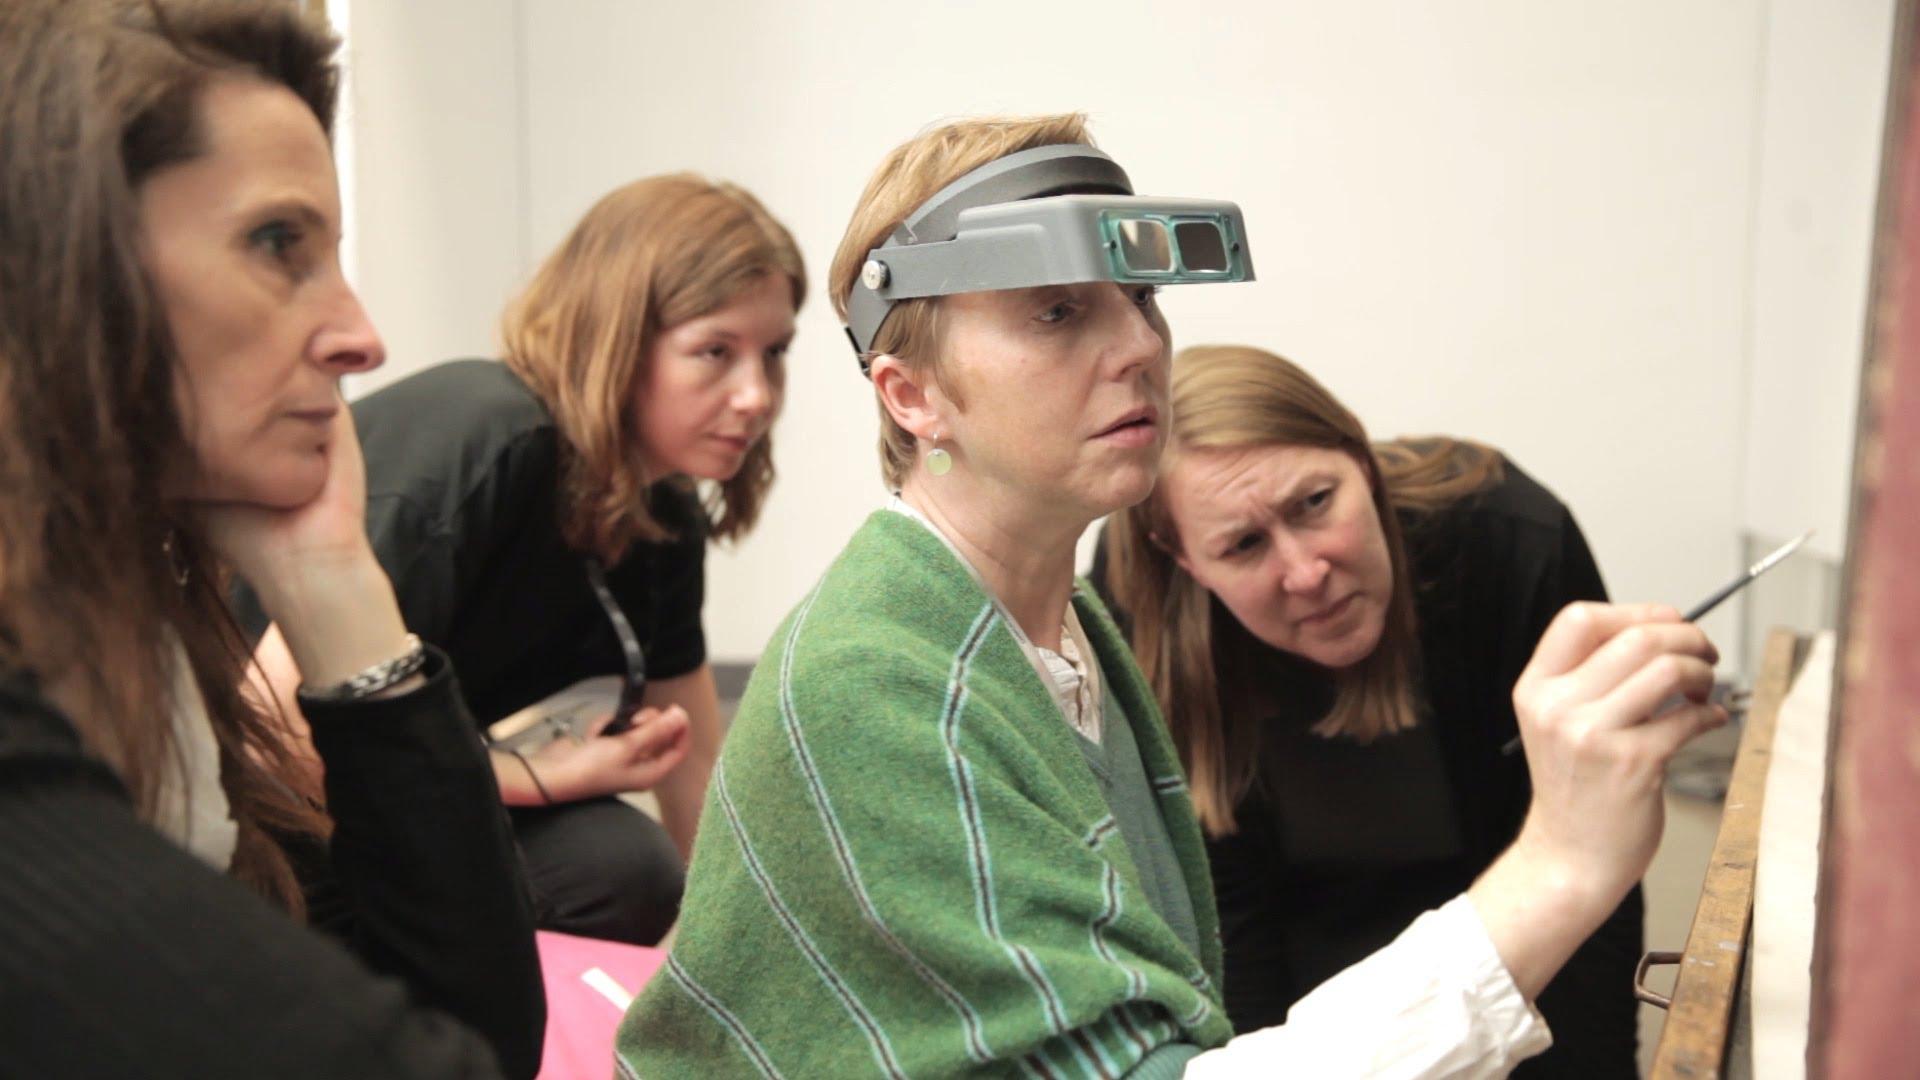 Comment la Tate Modern restaure un Rothko abimé